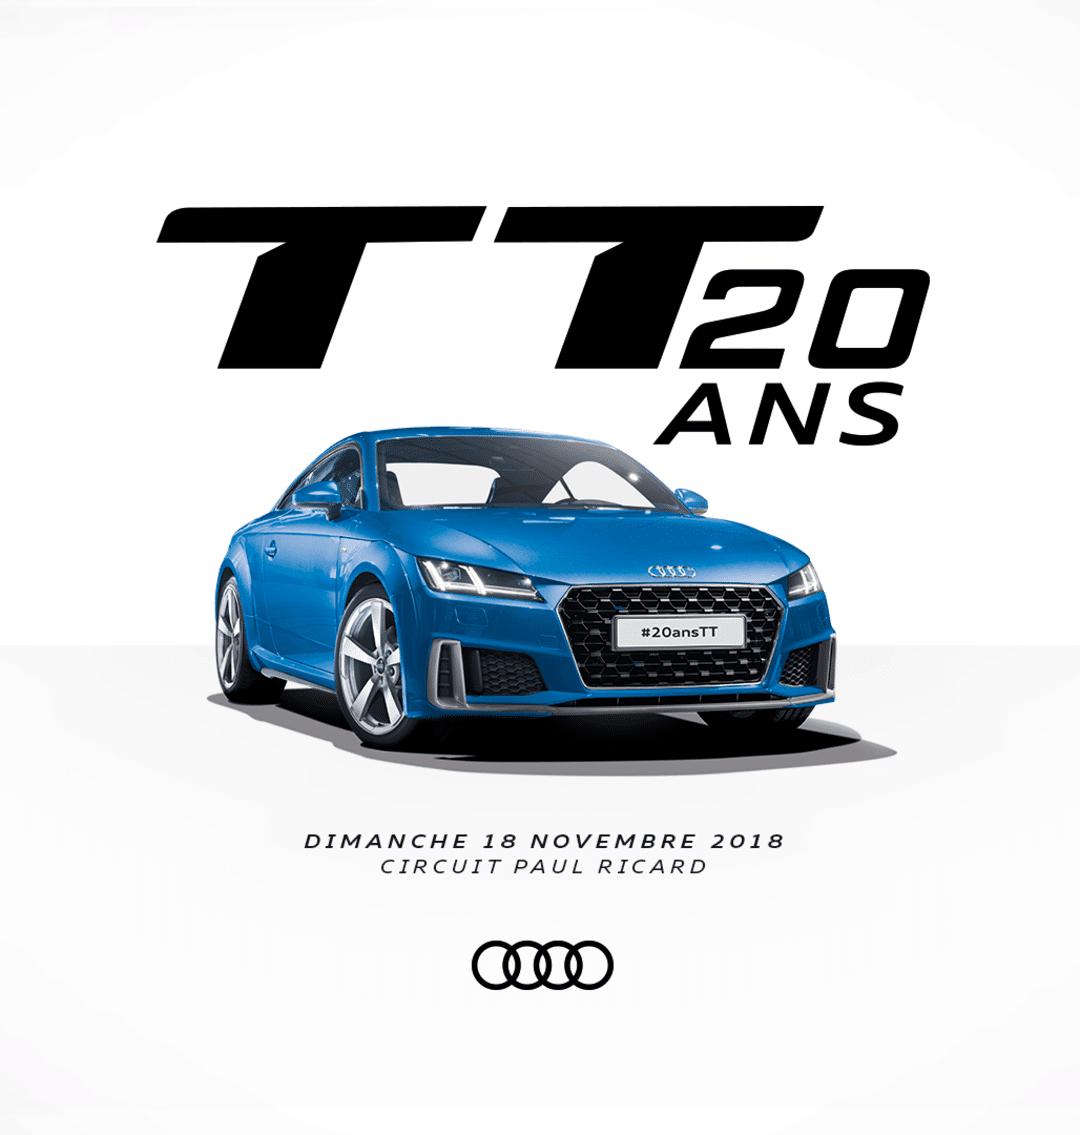 20 ans Audi TT